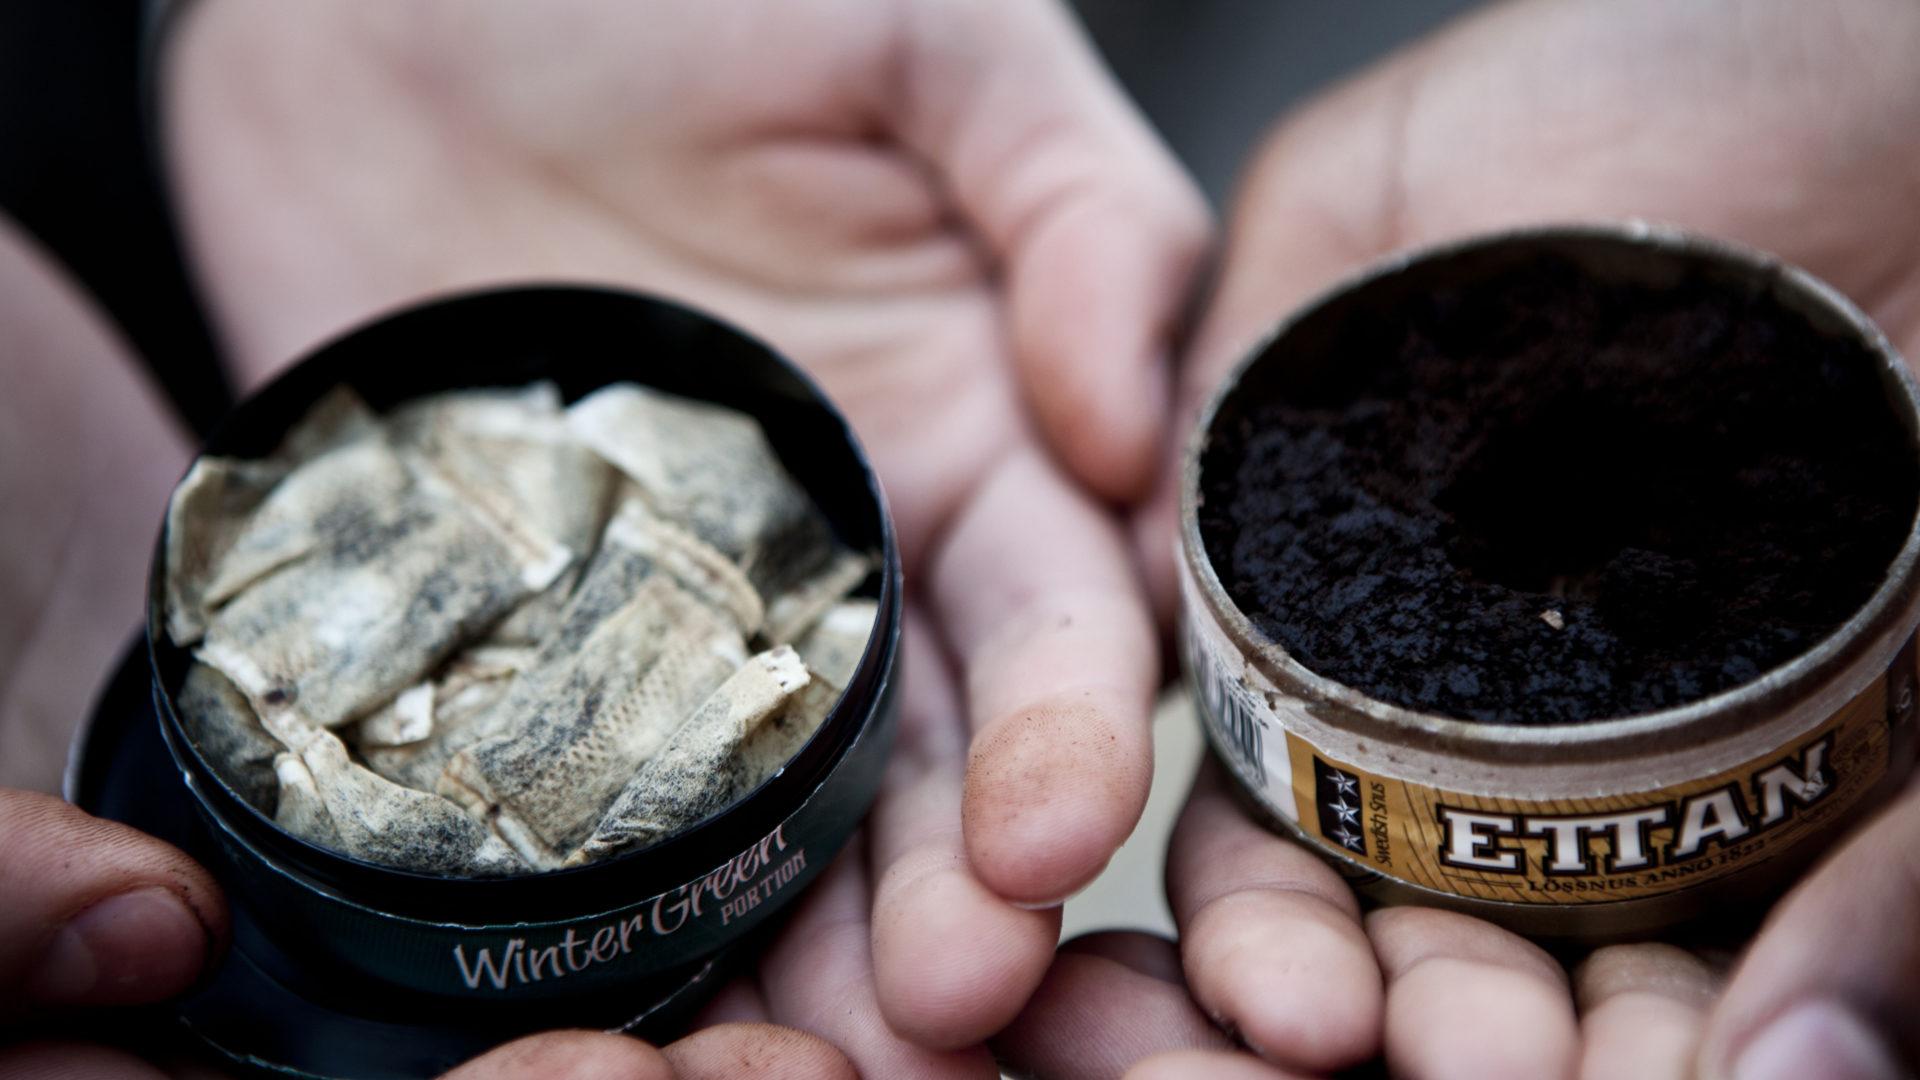 Tavallinen pussi- tai irtonuuska on tummaa, nikotiinivalmiste taas vaaleaa. Myyjät kutsuvat sitä nikotiininuuskaksi, vaikka kyseessä ei ole nuuska.